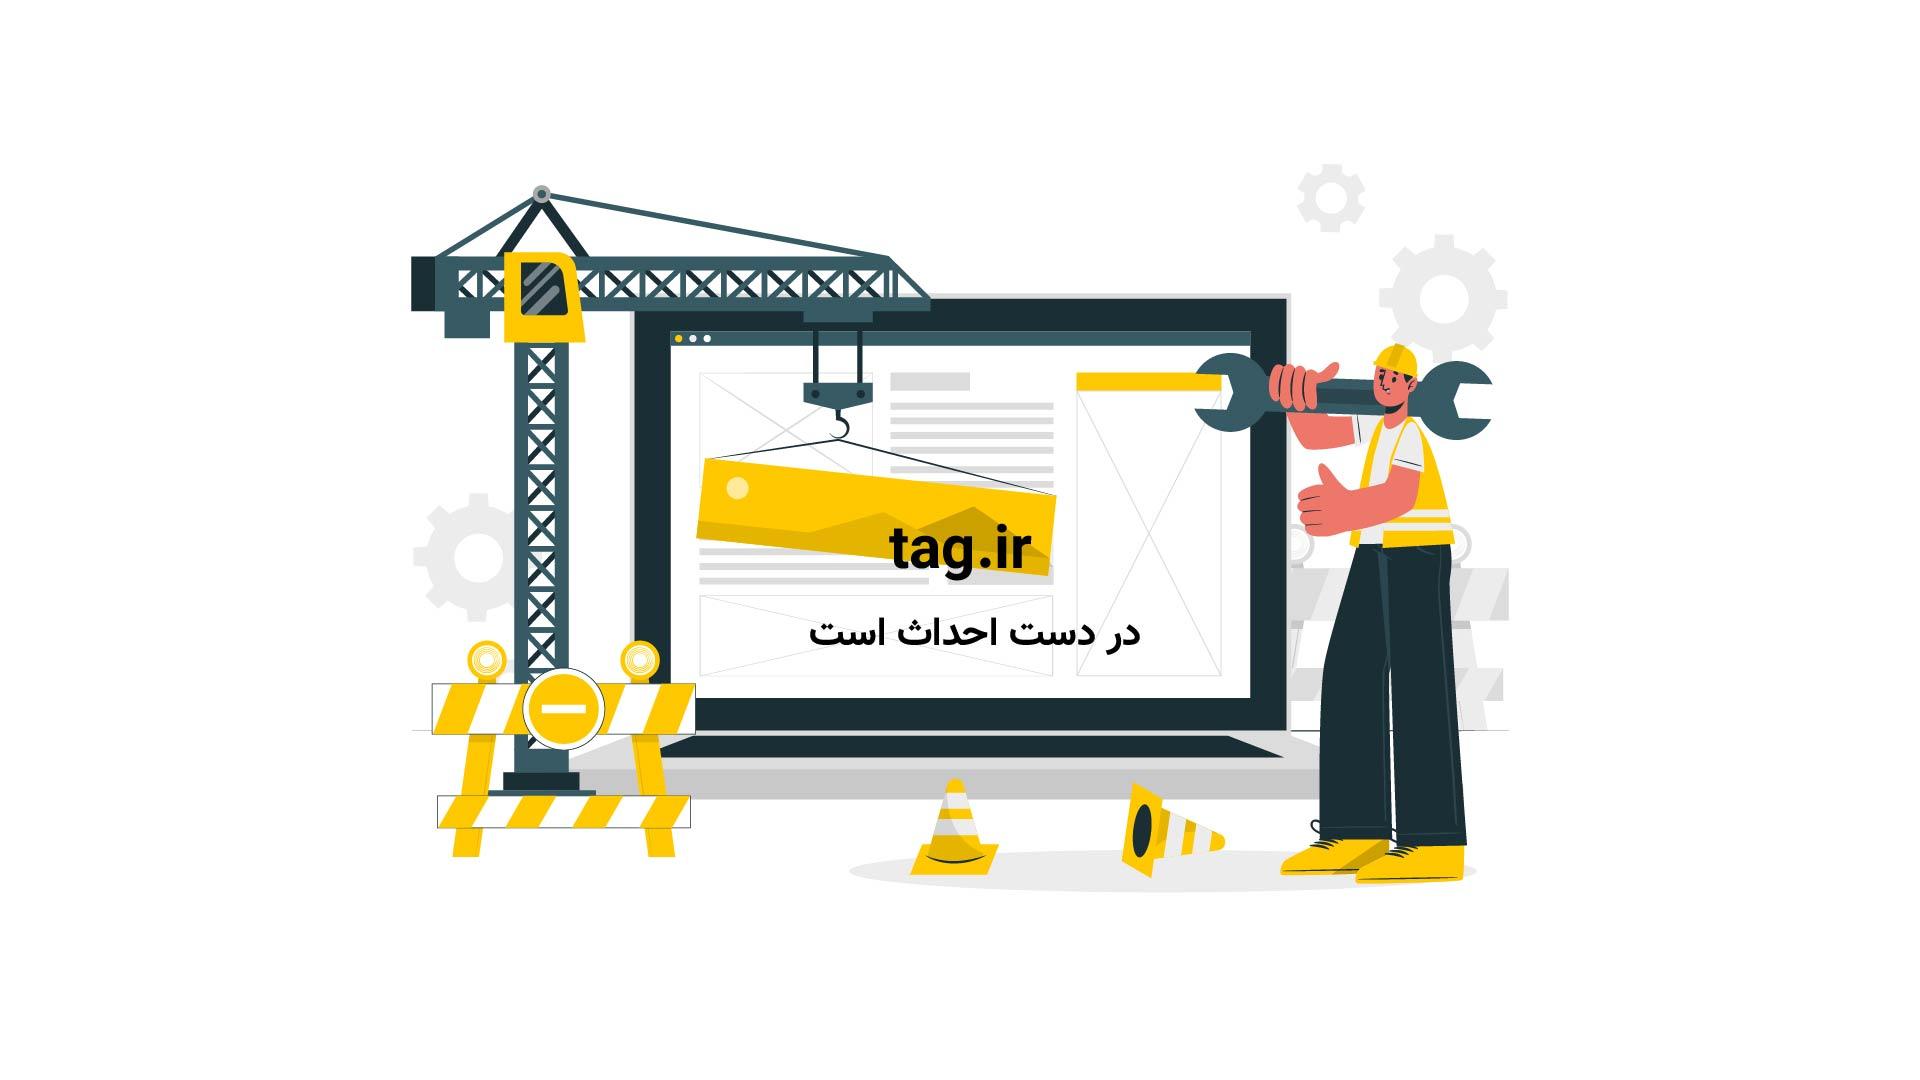 لحظه عجیب واژگون نشدن یک اتوبوس در جاده شمال | فیلم